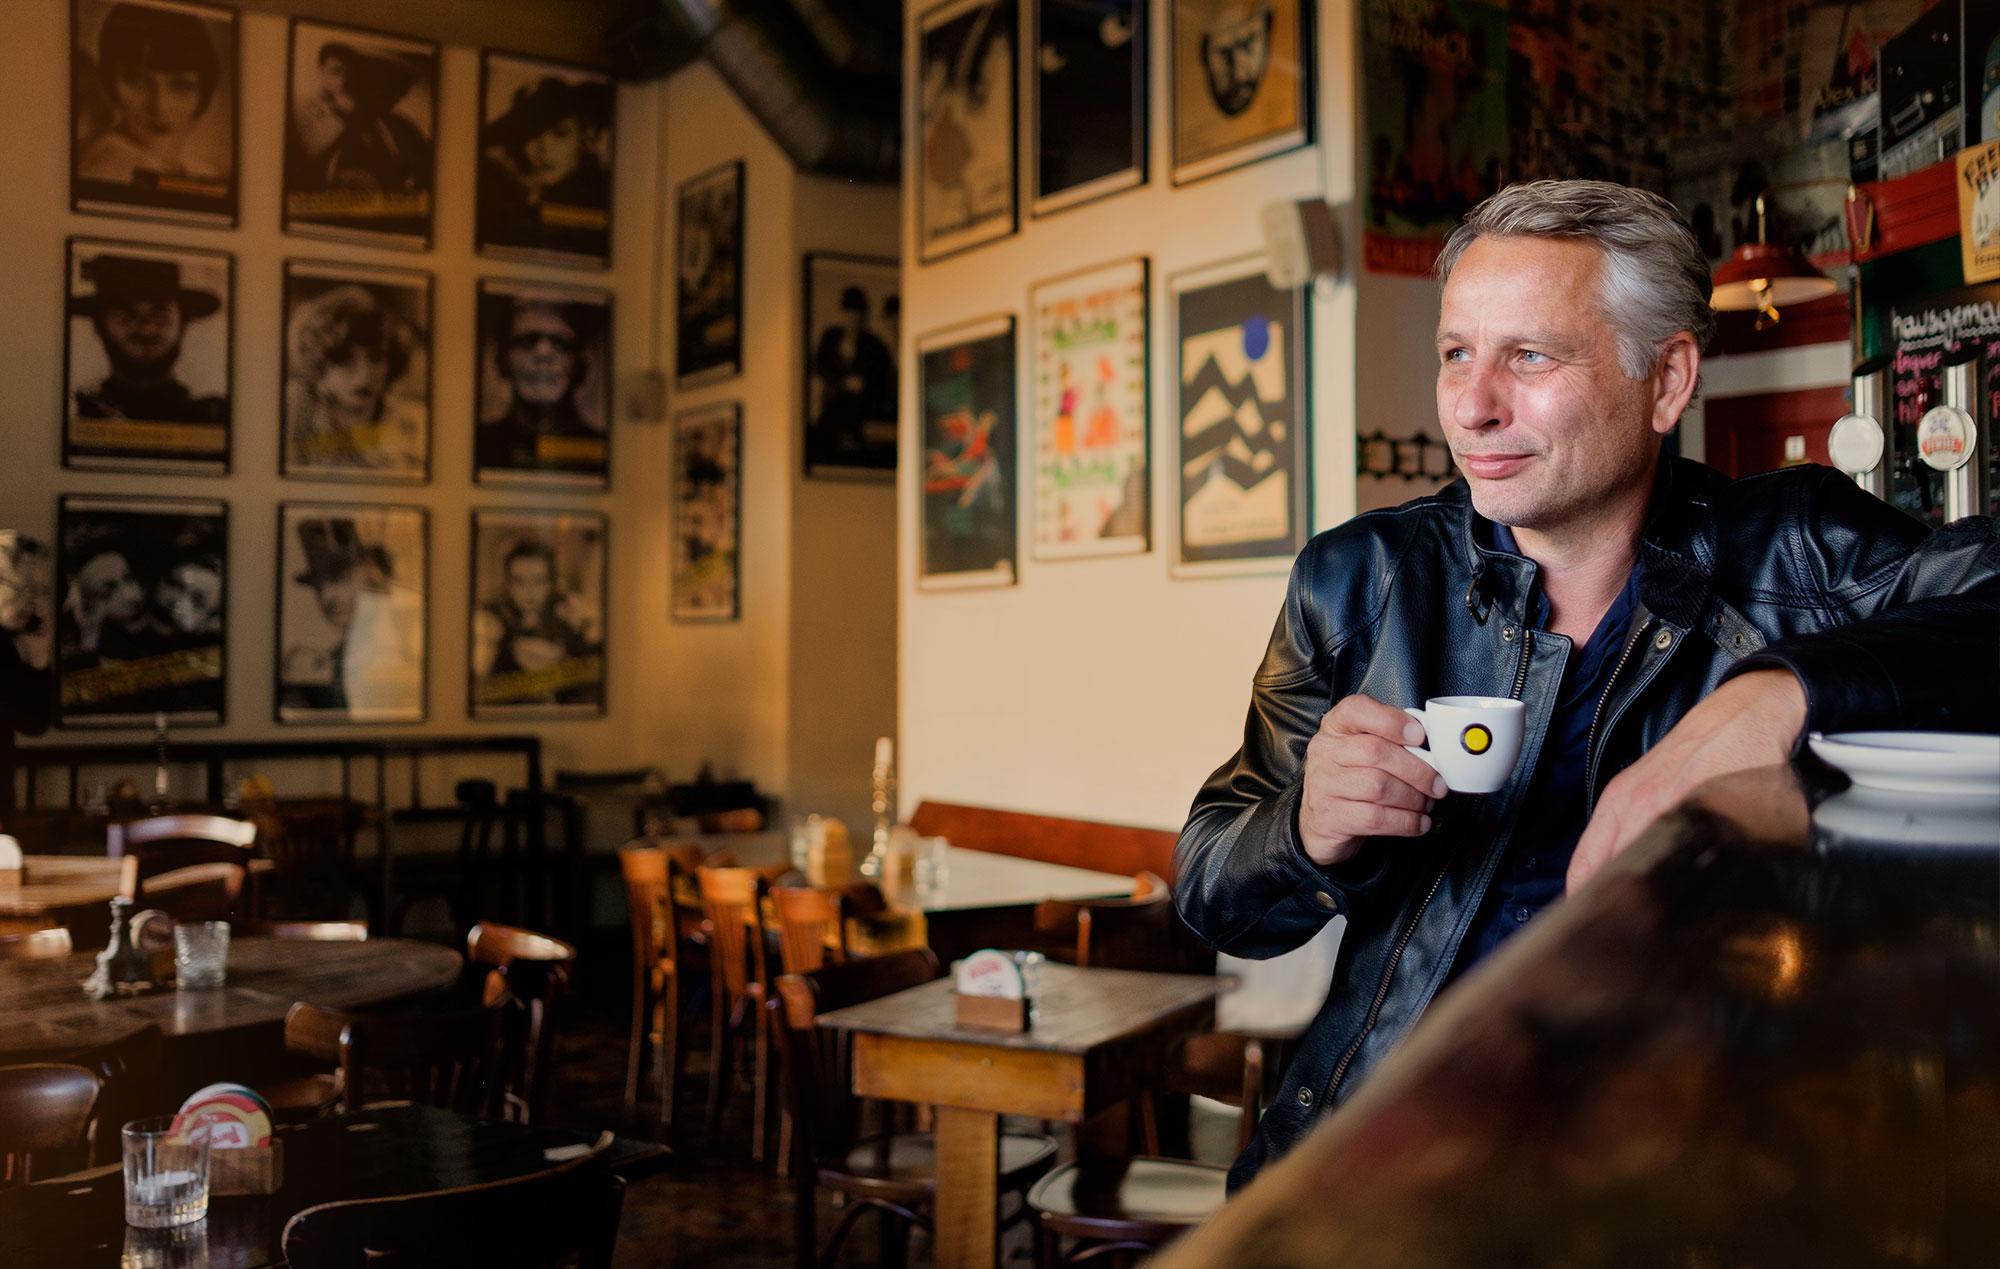 Mag. Thomas Plattner, Geschäftsführer von Austrotax. Zu sehen in einem Café mit einer Kaffeetasse in der Hand.